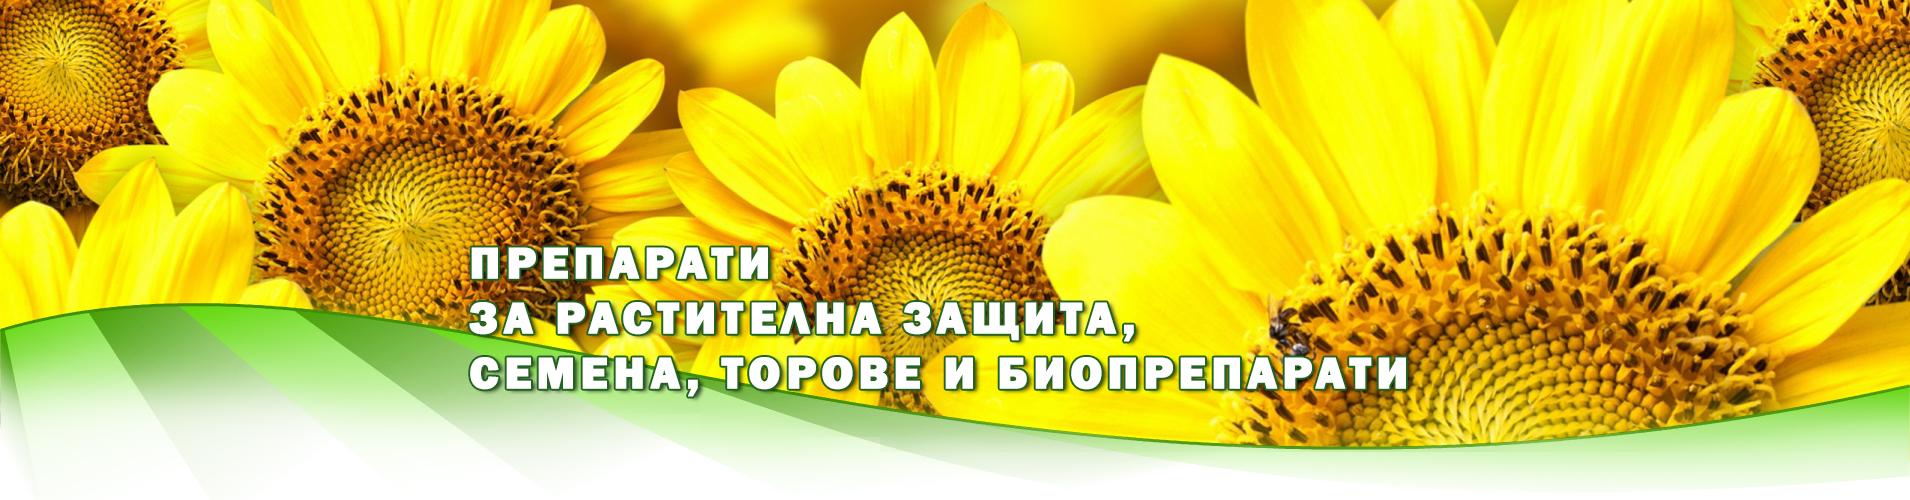 Апогей 91 ООД Бургас